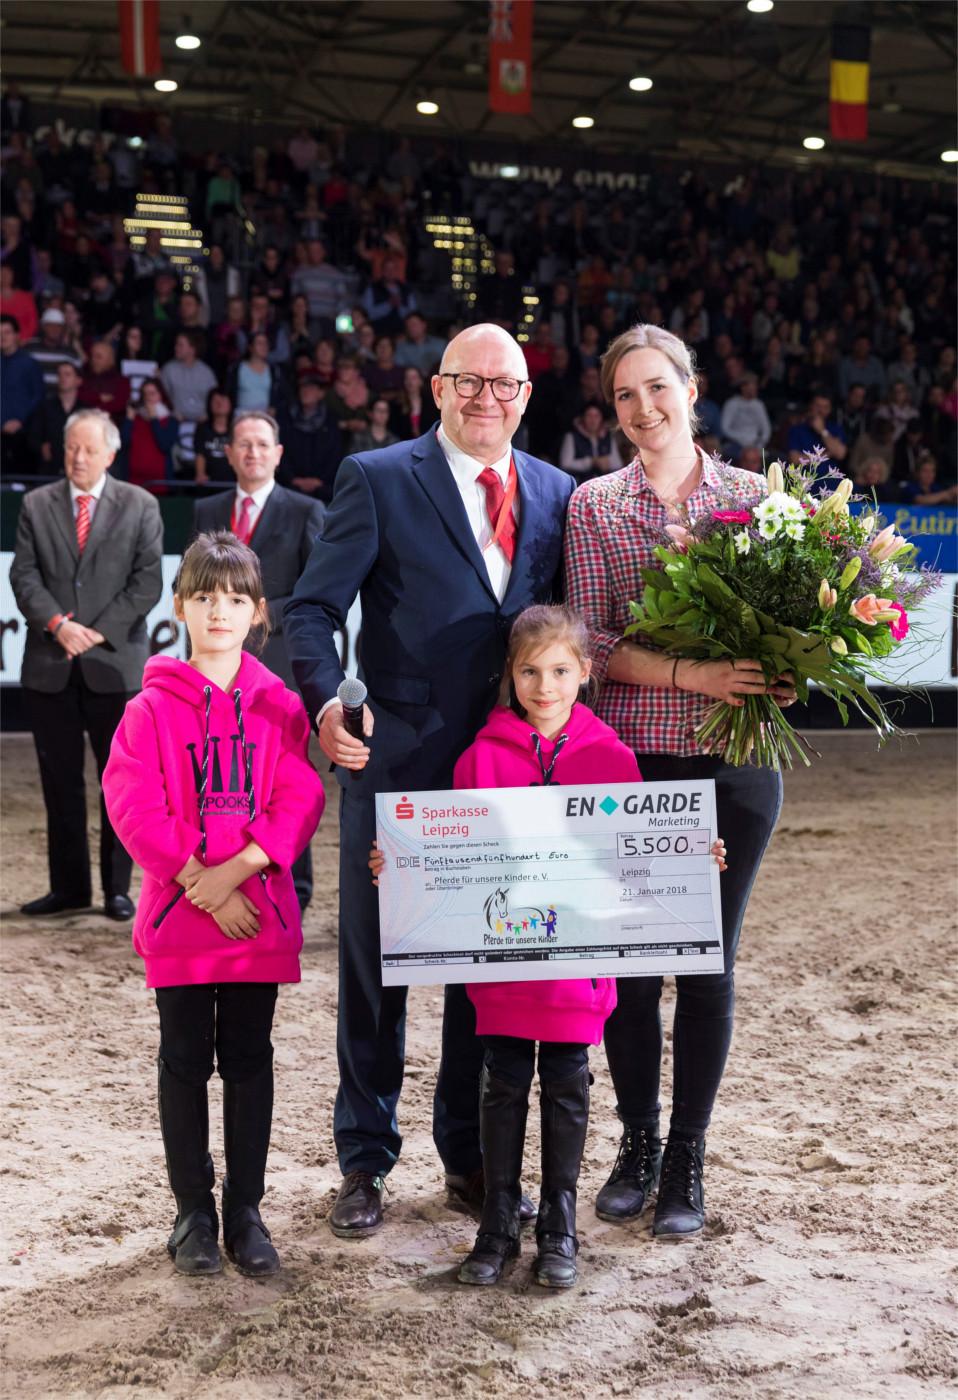 holzpferde- und scheck-Übergabe partner pferd 2018 in leipzig